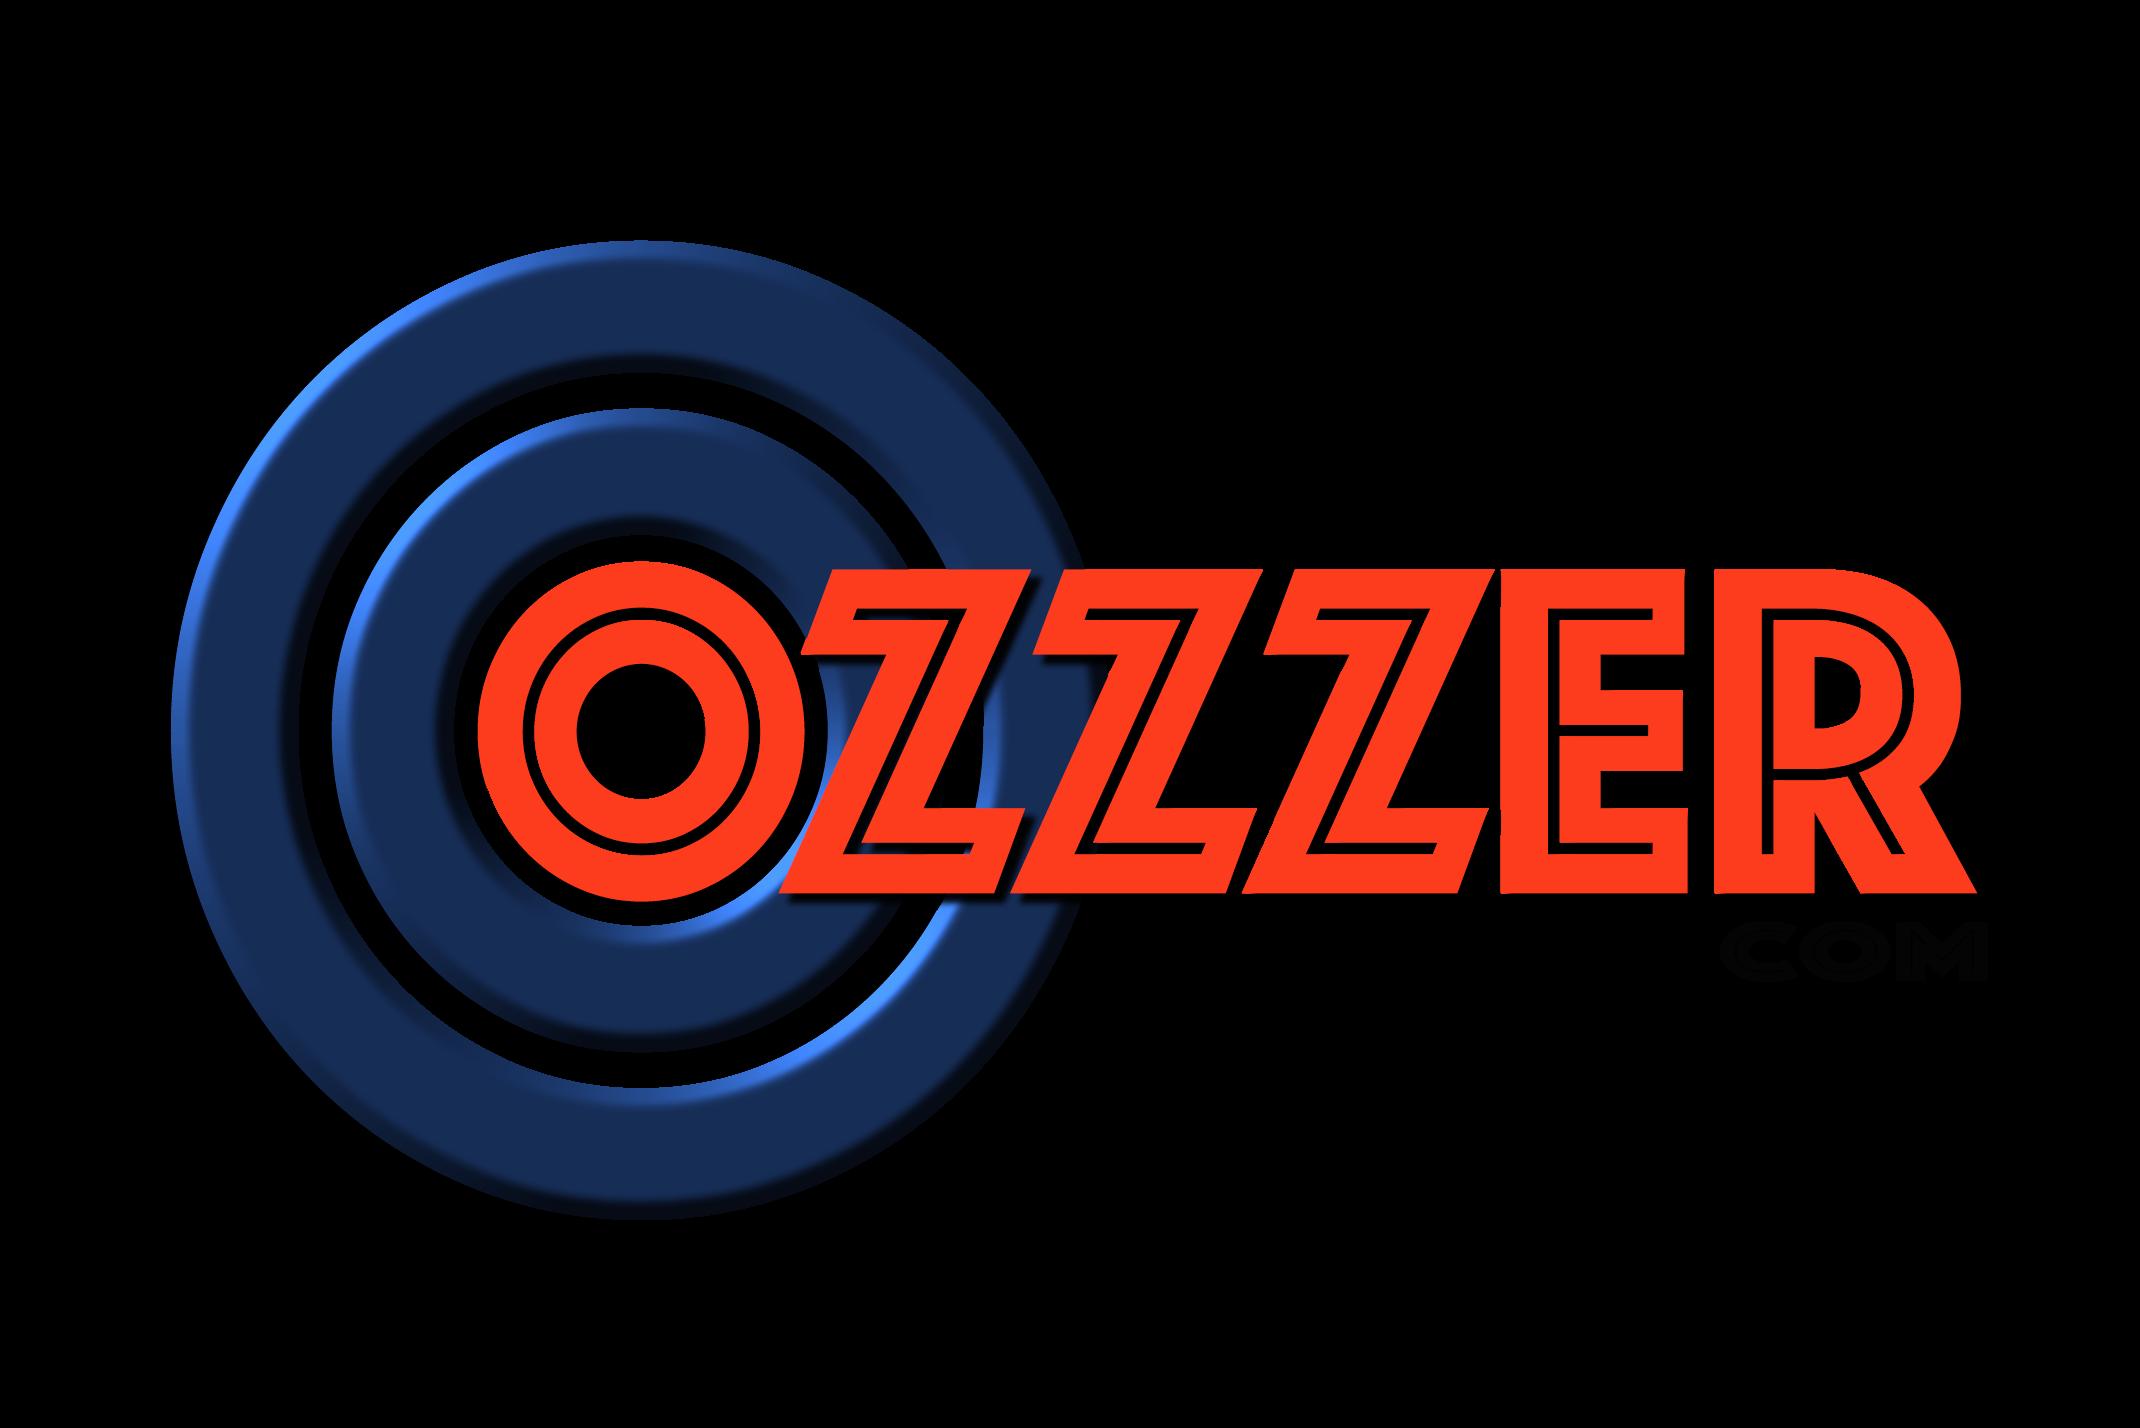 Ozzer.com